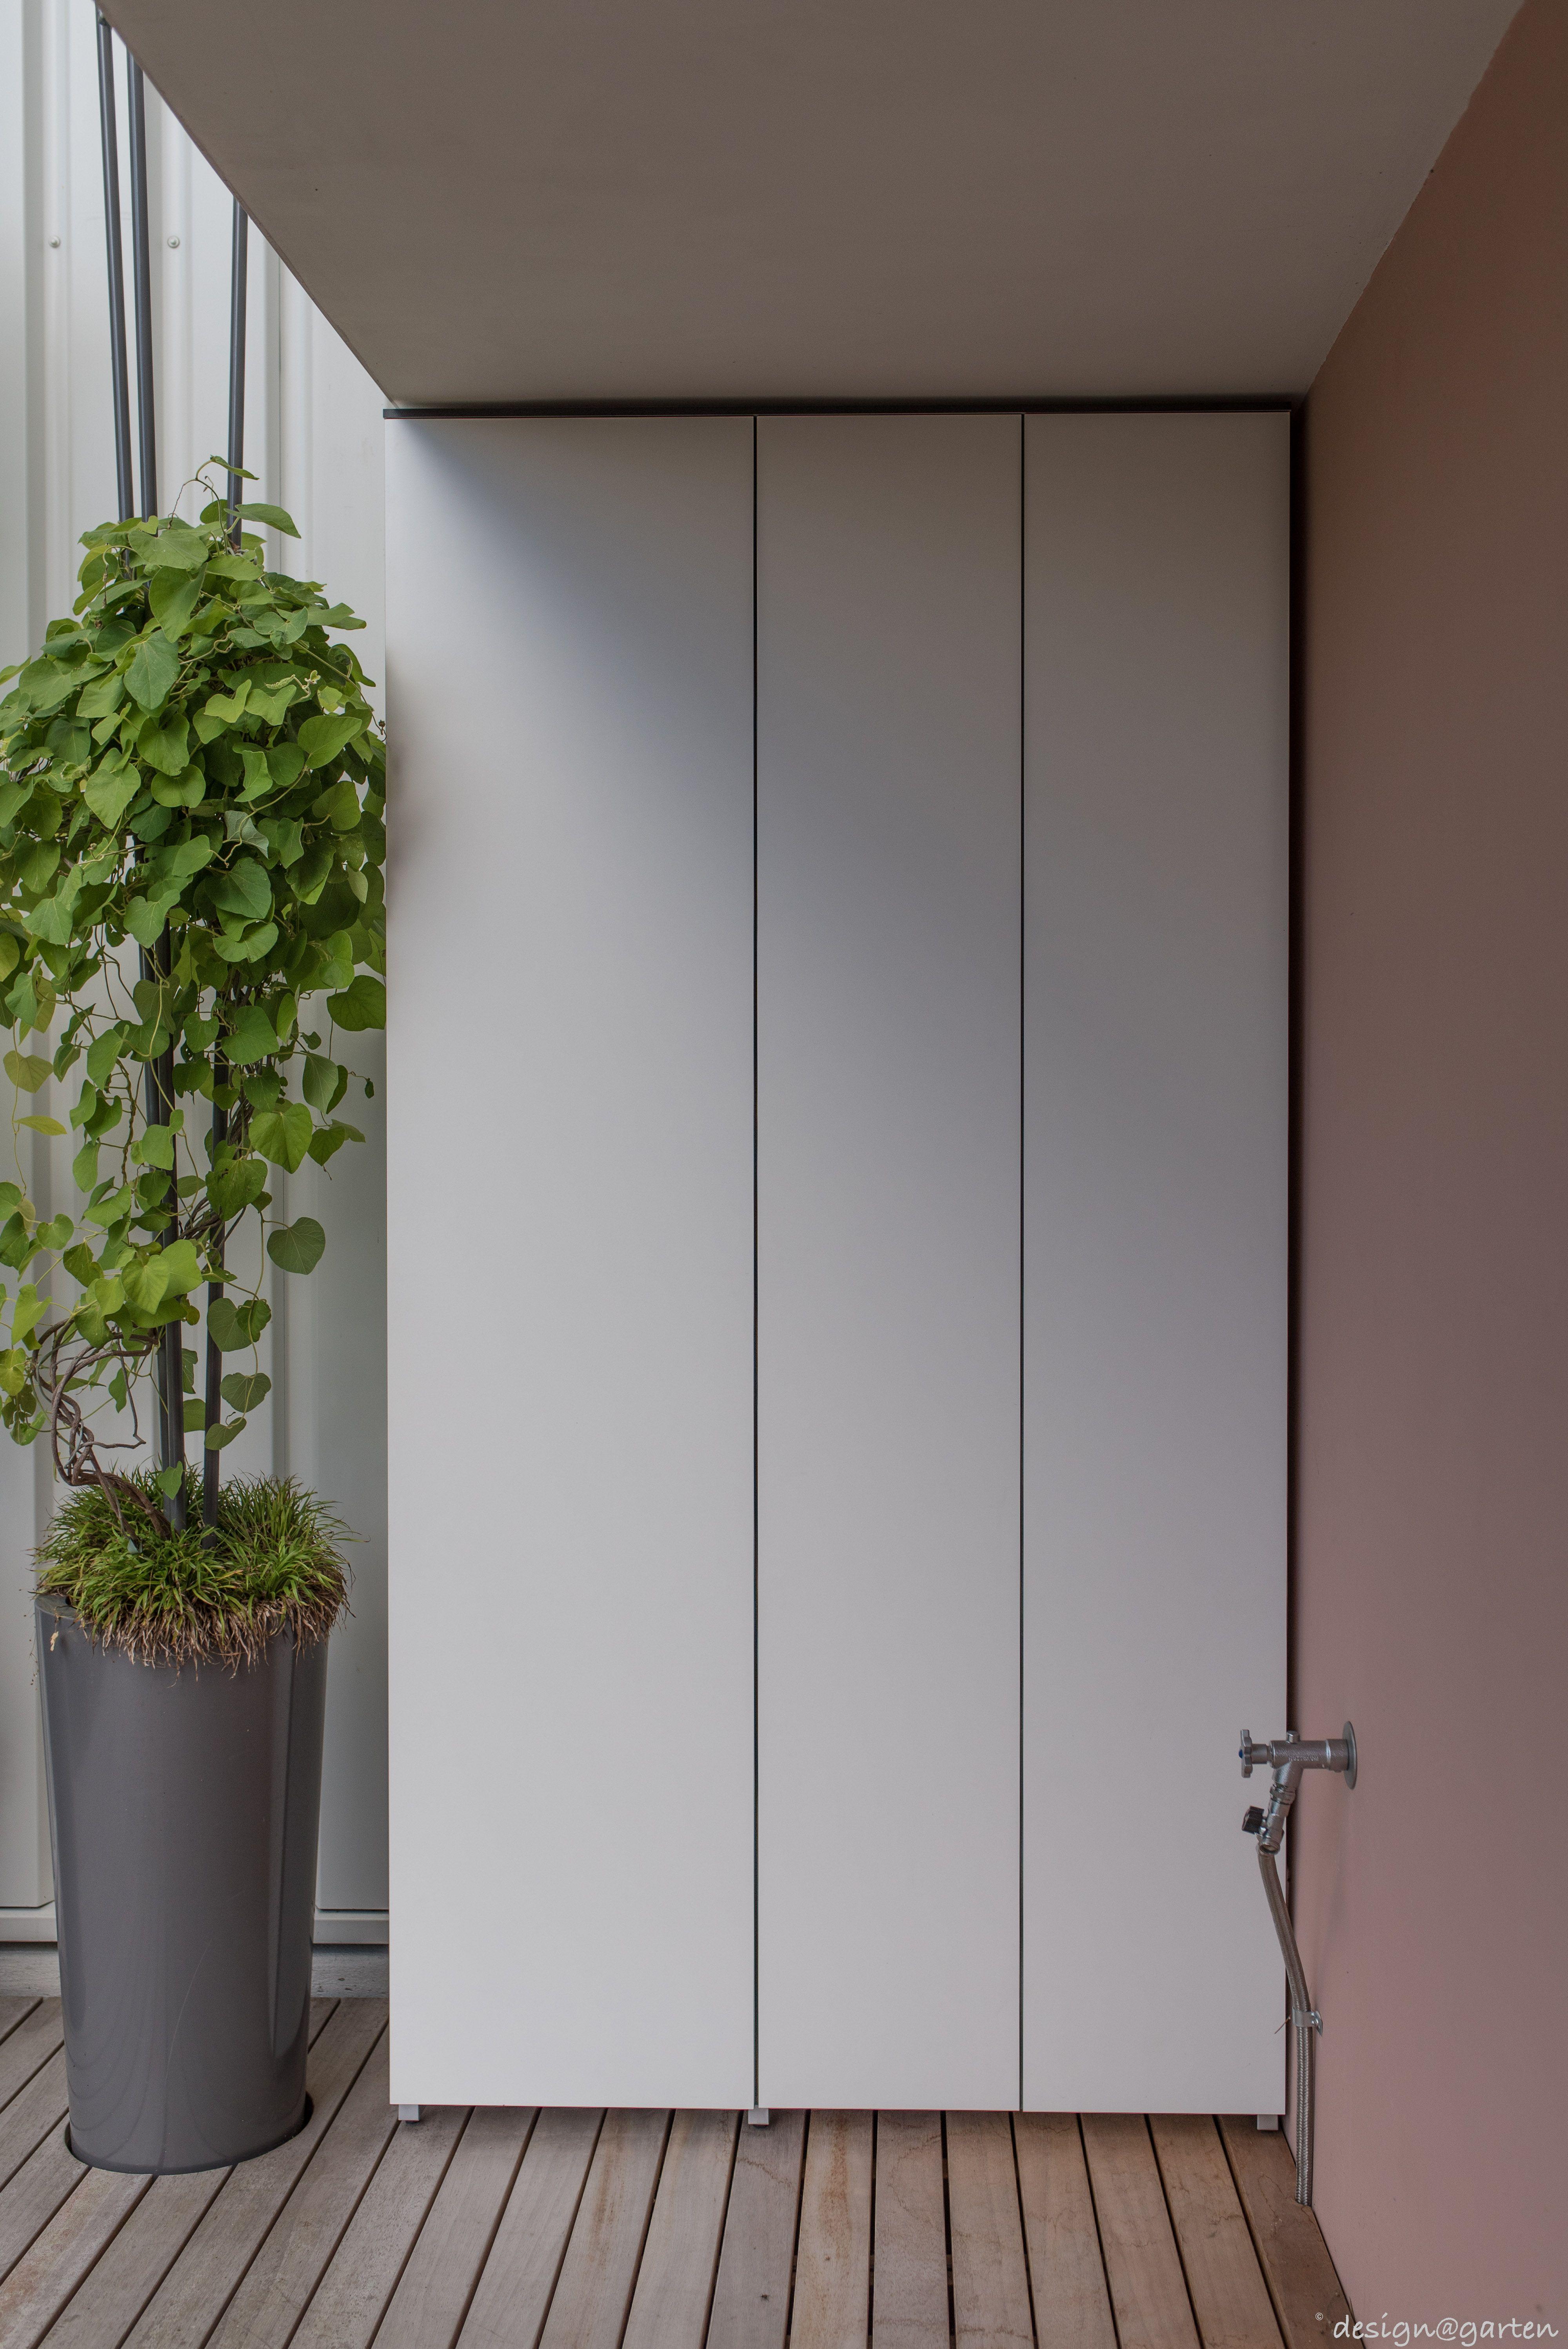 Terrassenschrank Balkonschrank Win Nach Mass By Design Garten In Rheinfelden Schweiz Design C Garten In Augsburg In 2020 Mit Bildern Gartenschrank Balkonschrank Weisser Schrank